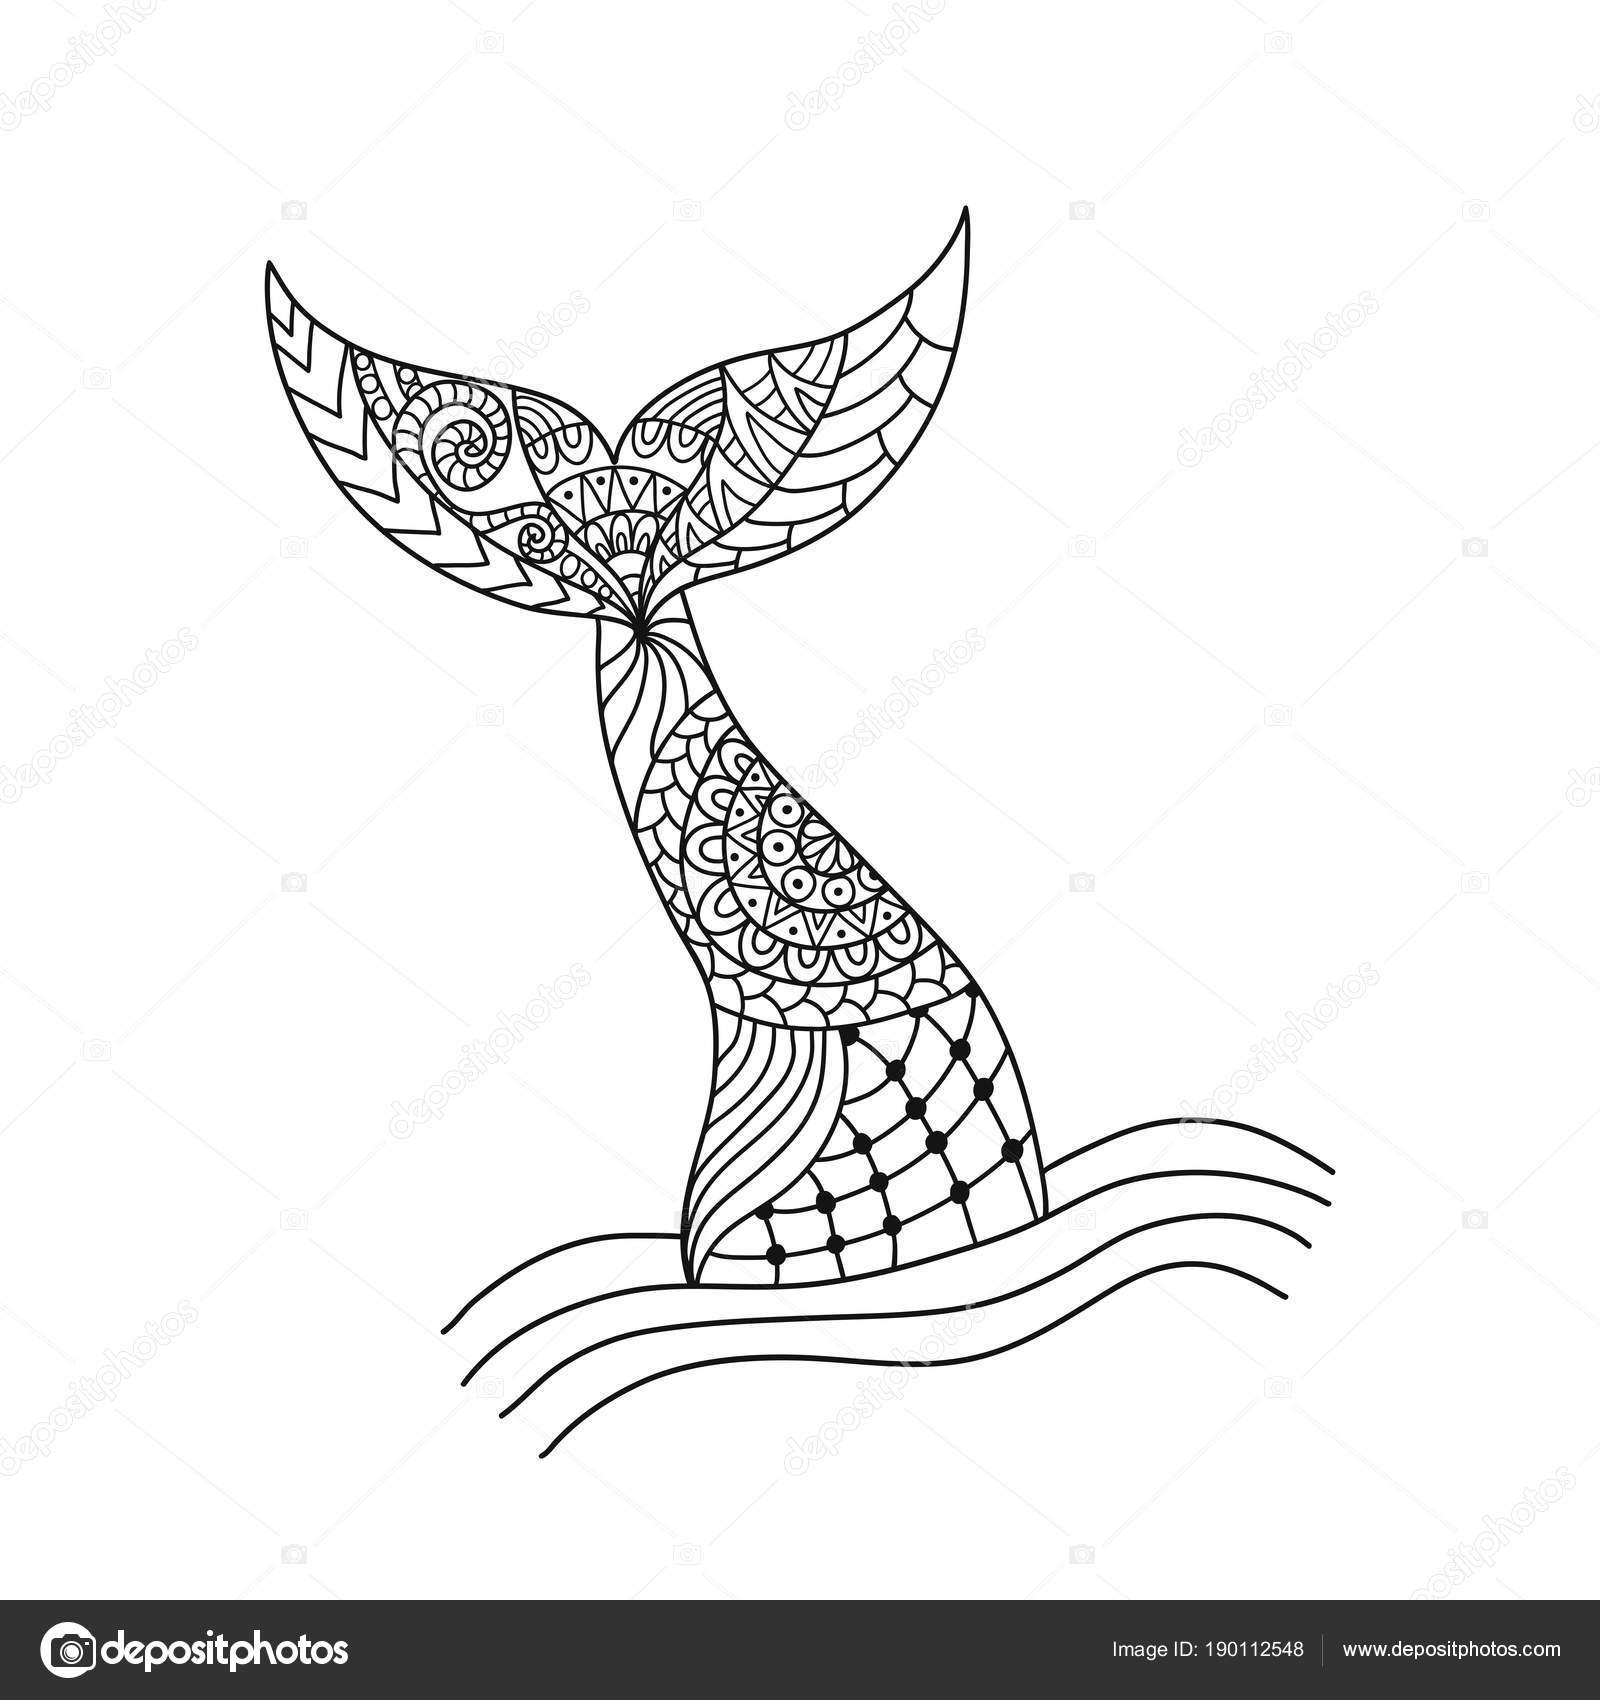 Cola de sirena ornamental dibujada a mano. Ilustración de vectores ...